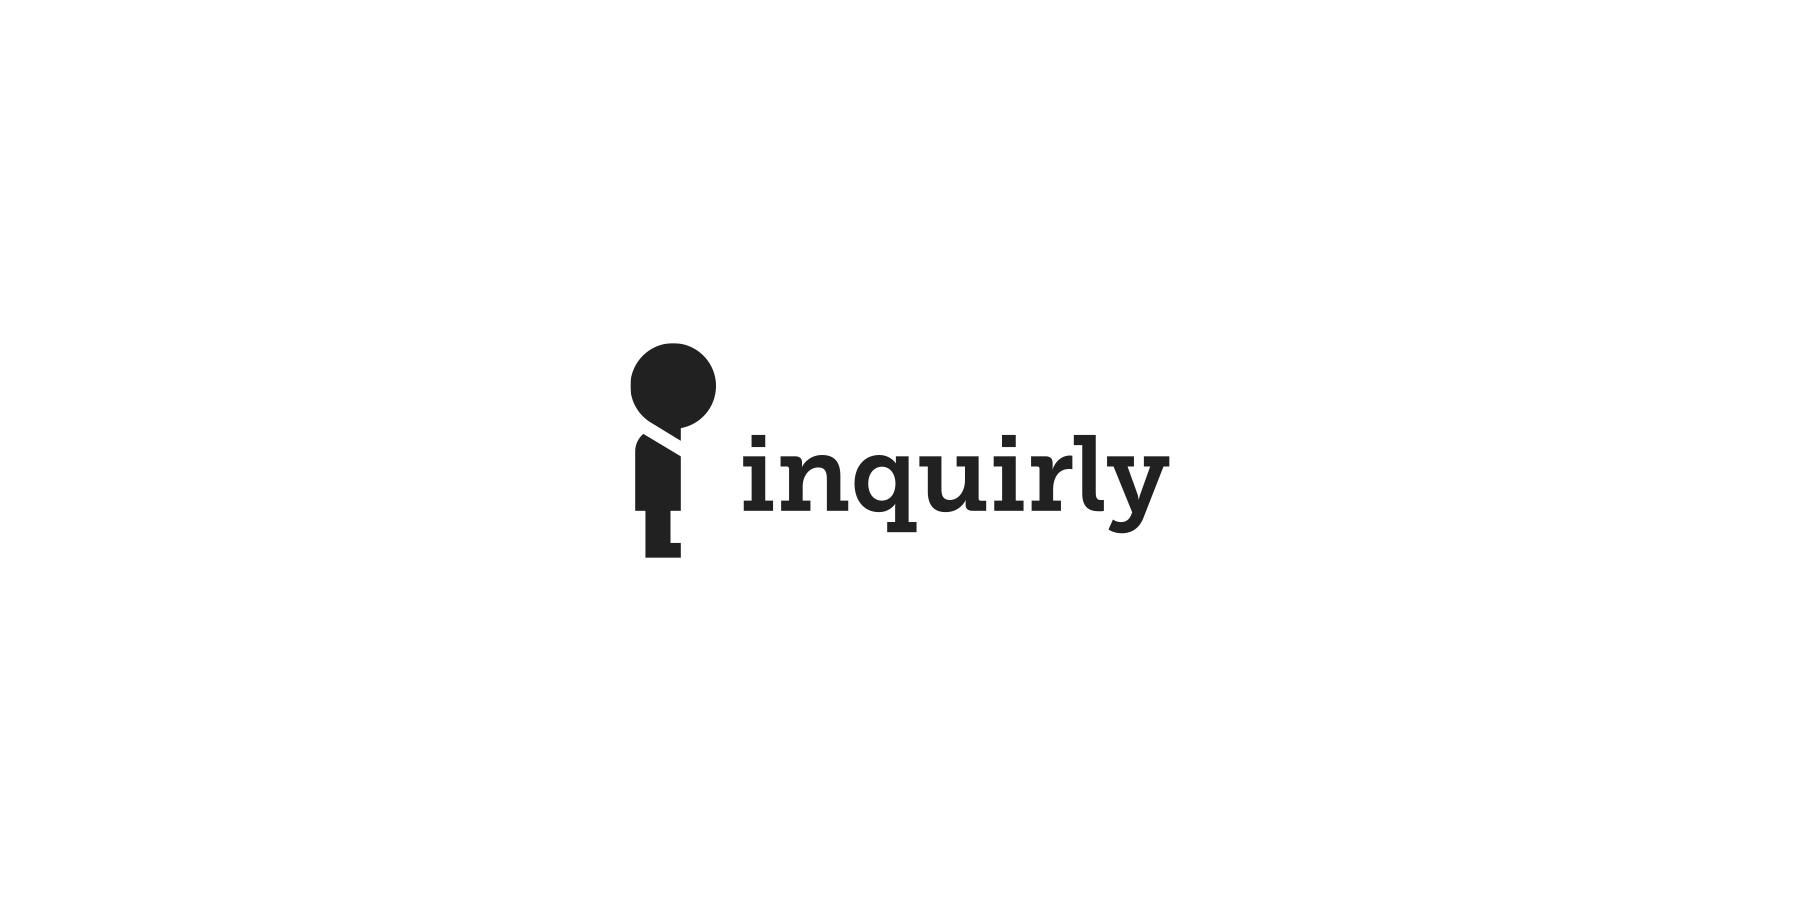 inquirly-logo-design-03